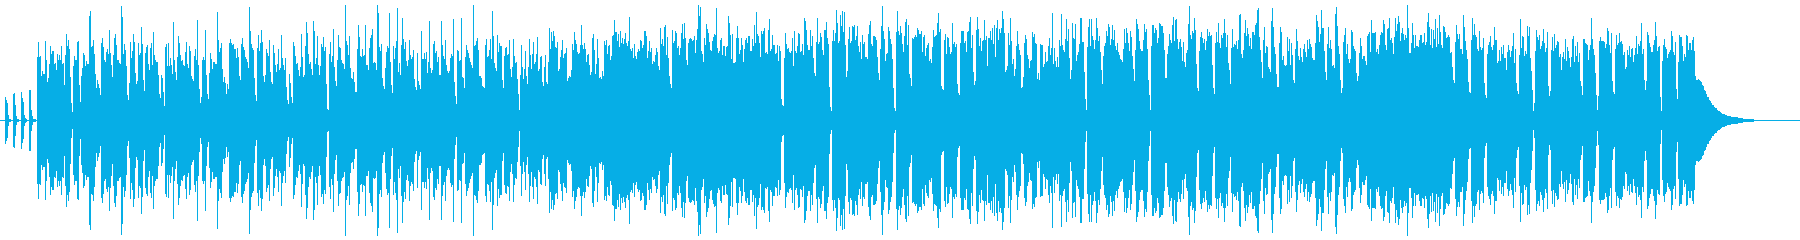 明るくアップテンポな王道ポップスの再生済みの波形